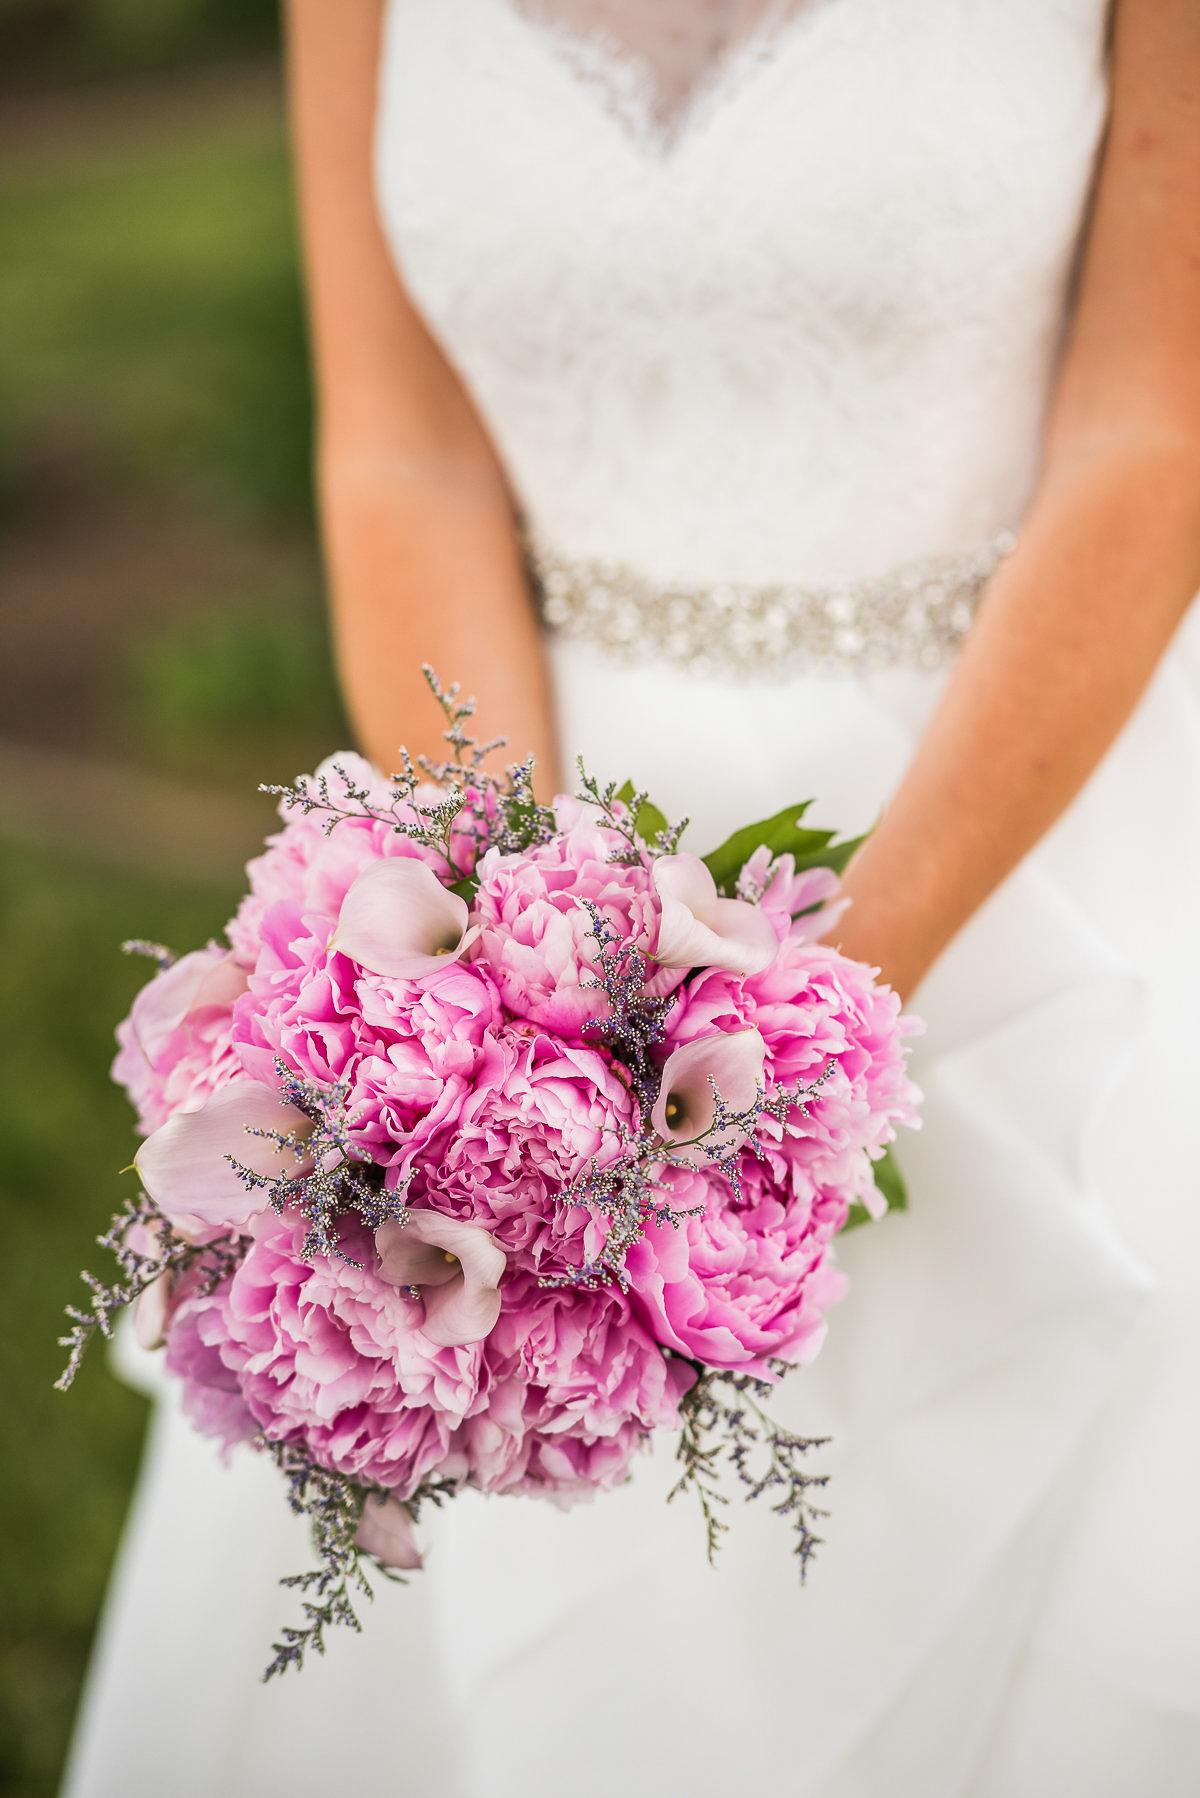 View More: http://gonzalezj.pass.us/julie_and_cj_wedding_2017